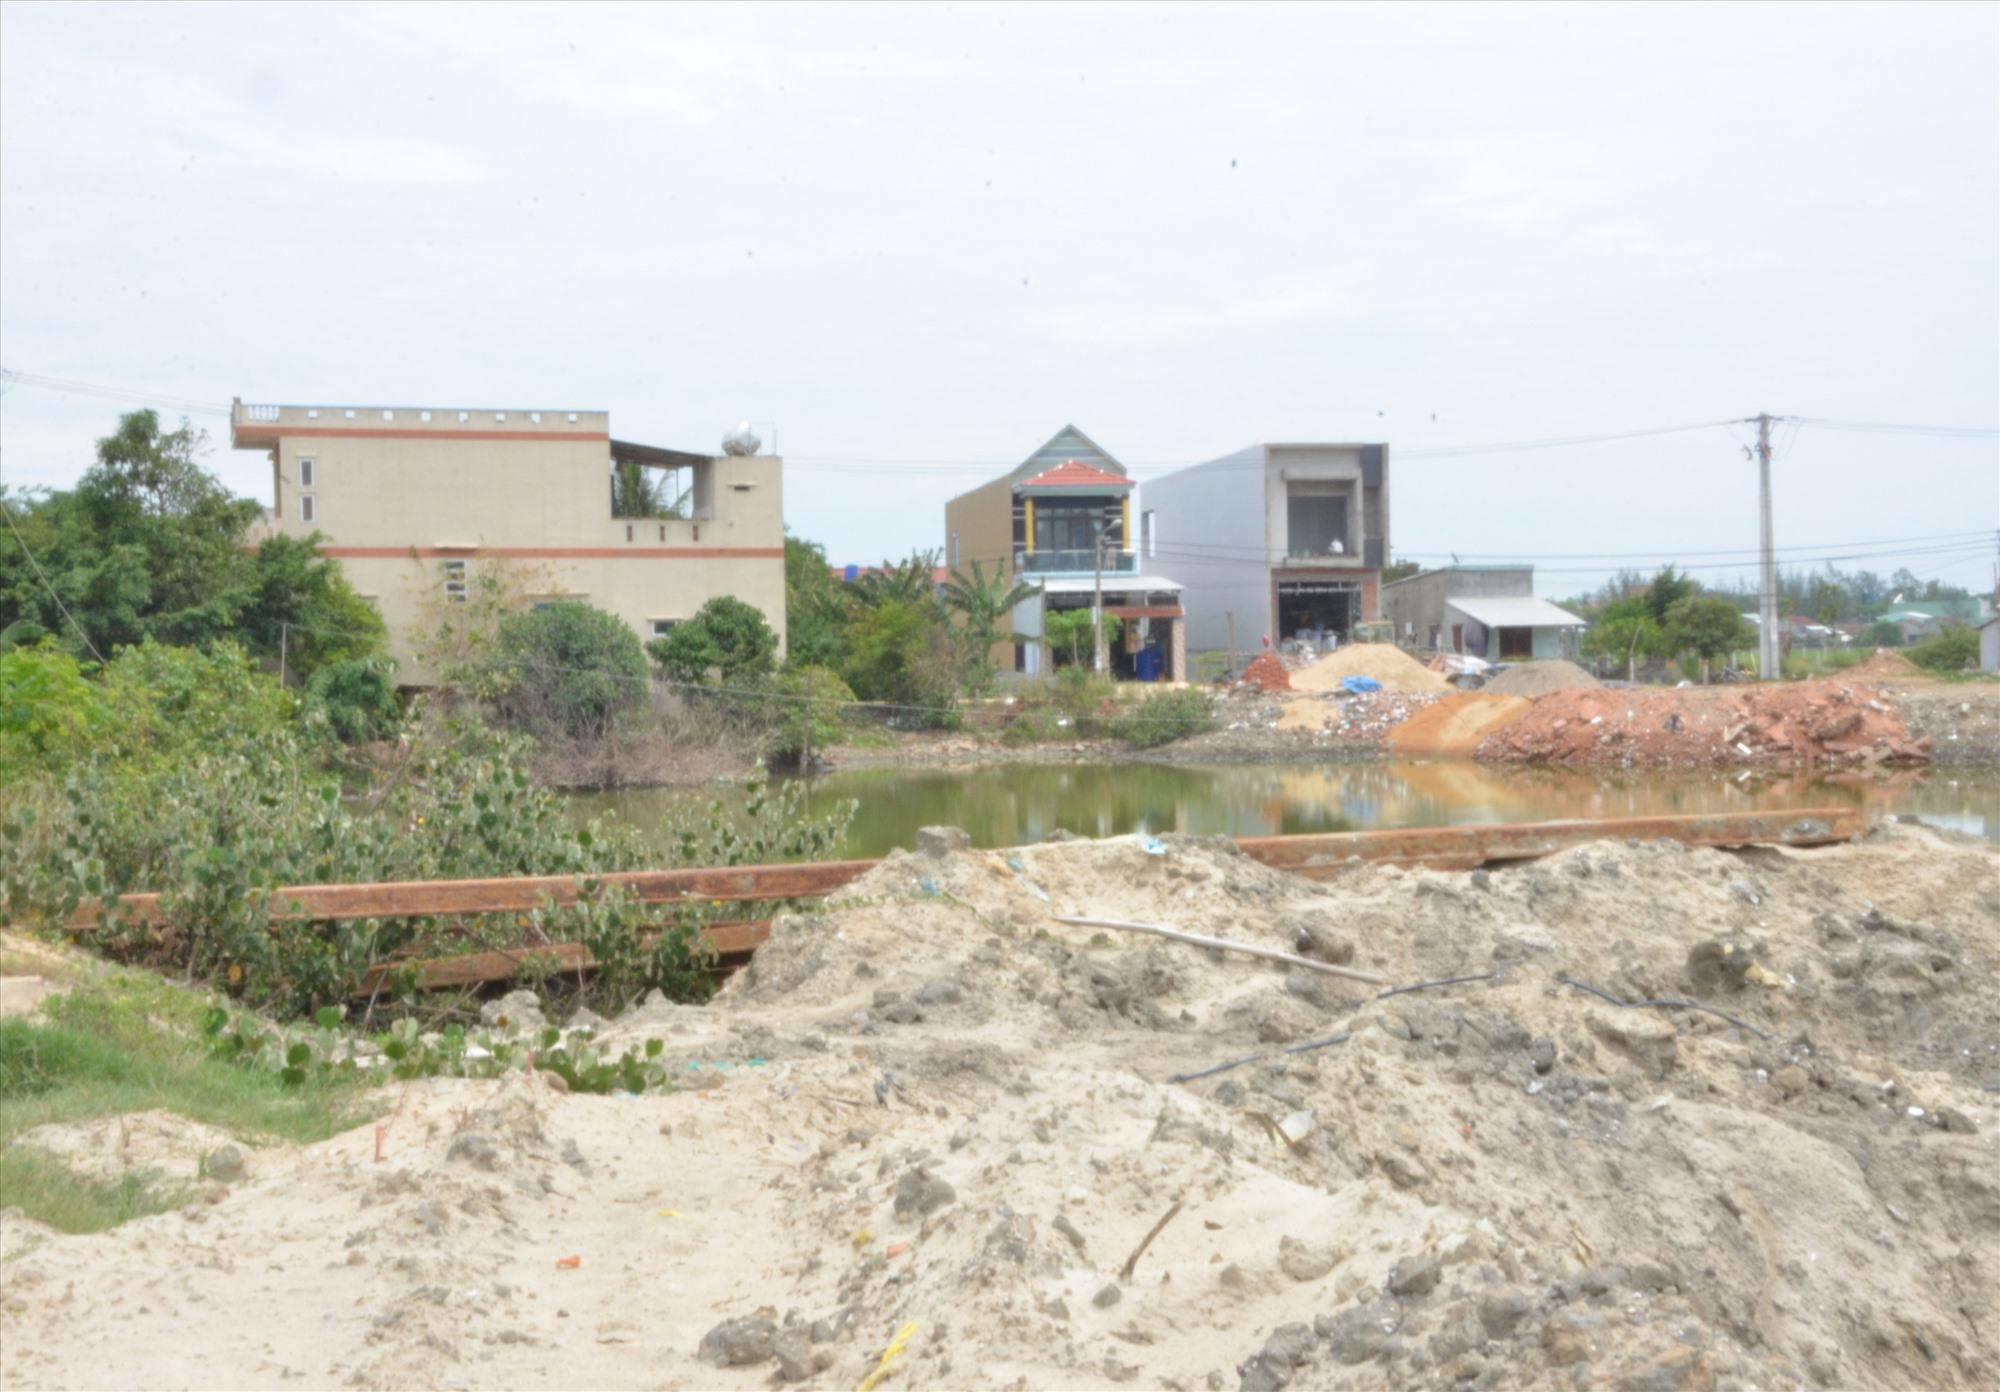 Ngoài 4 hộ phía thị trấn Núi Thành chưa ra quyết định thu hồi đất, bố trí tái định cư, thì phía Tam Giang cũng bị ách tắc mặt bằng. Ảnh: T.H